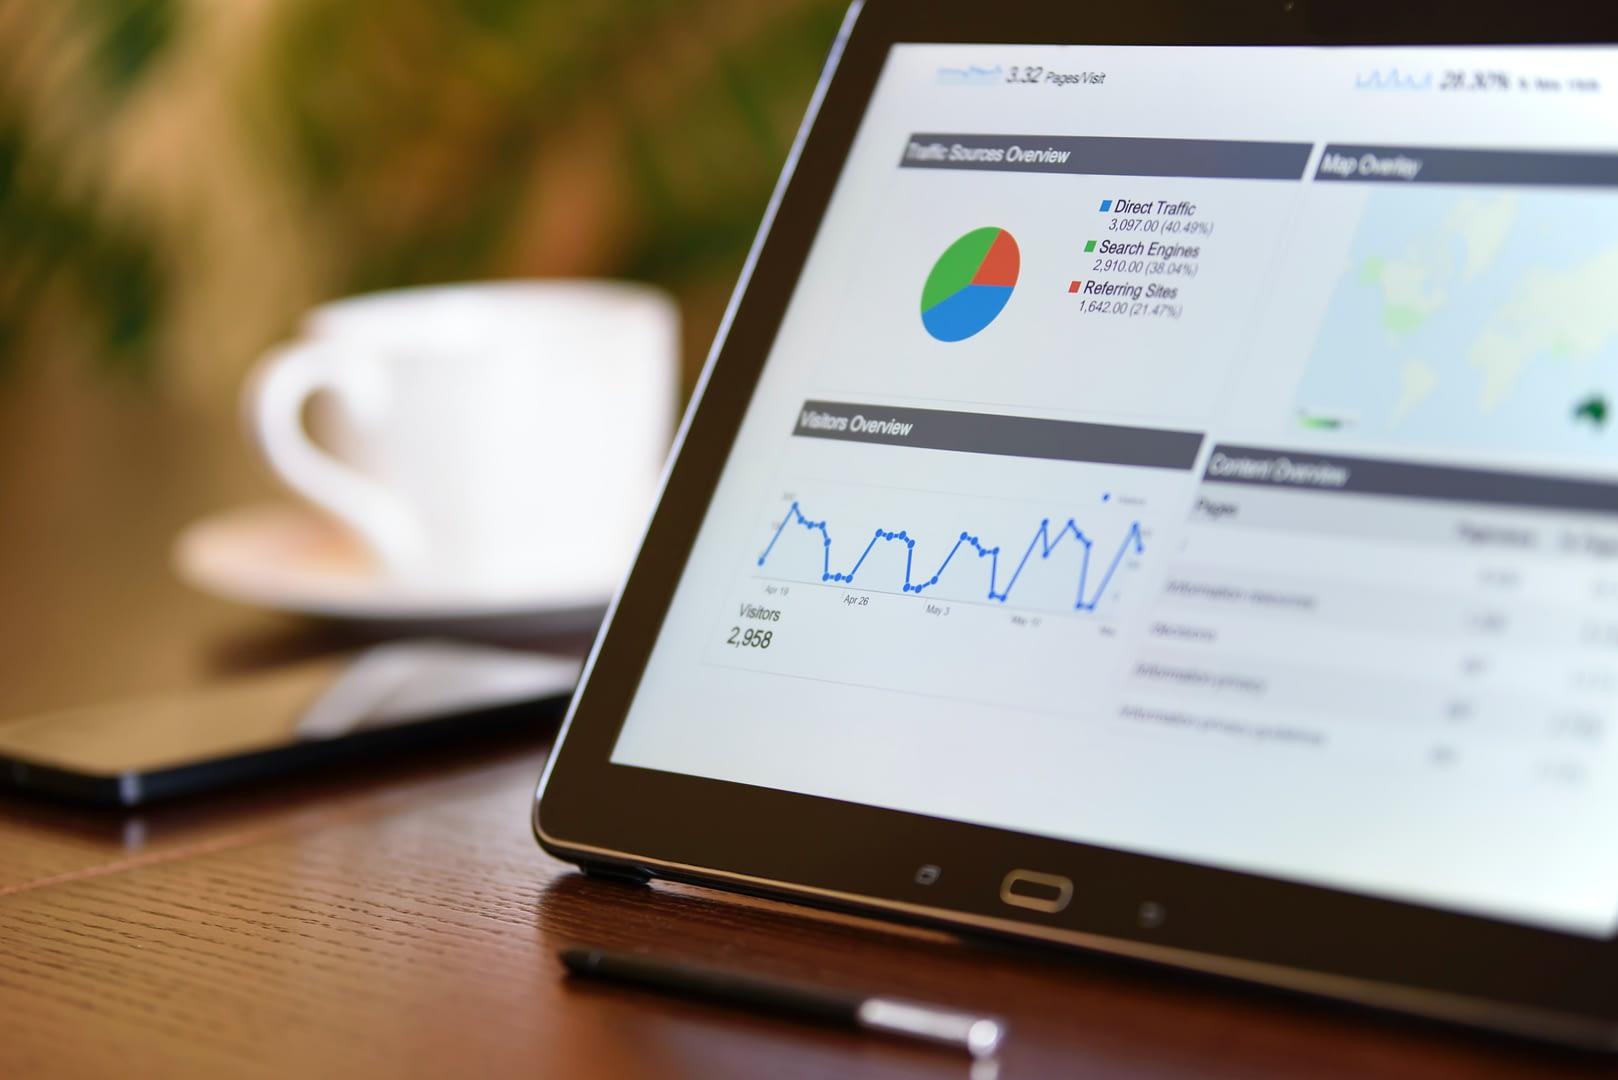 monitoring website traffic